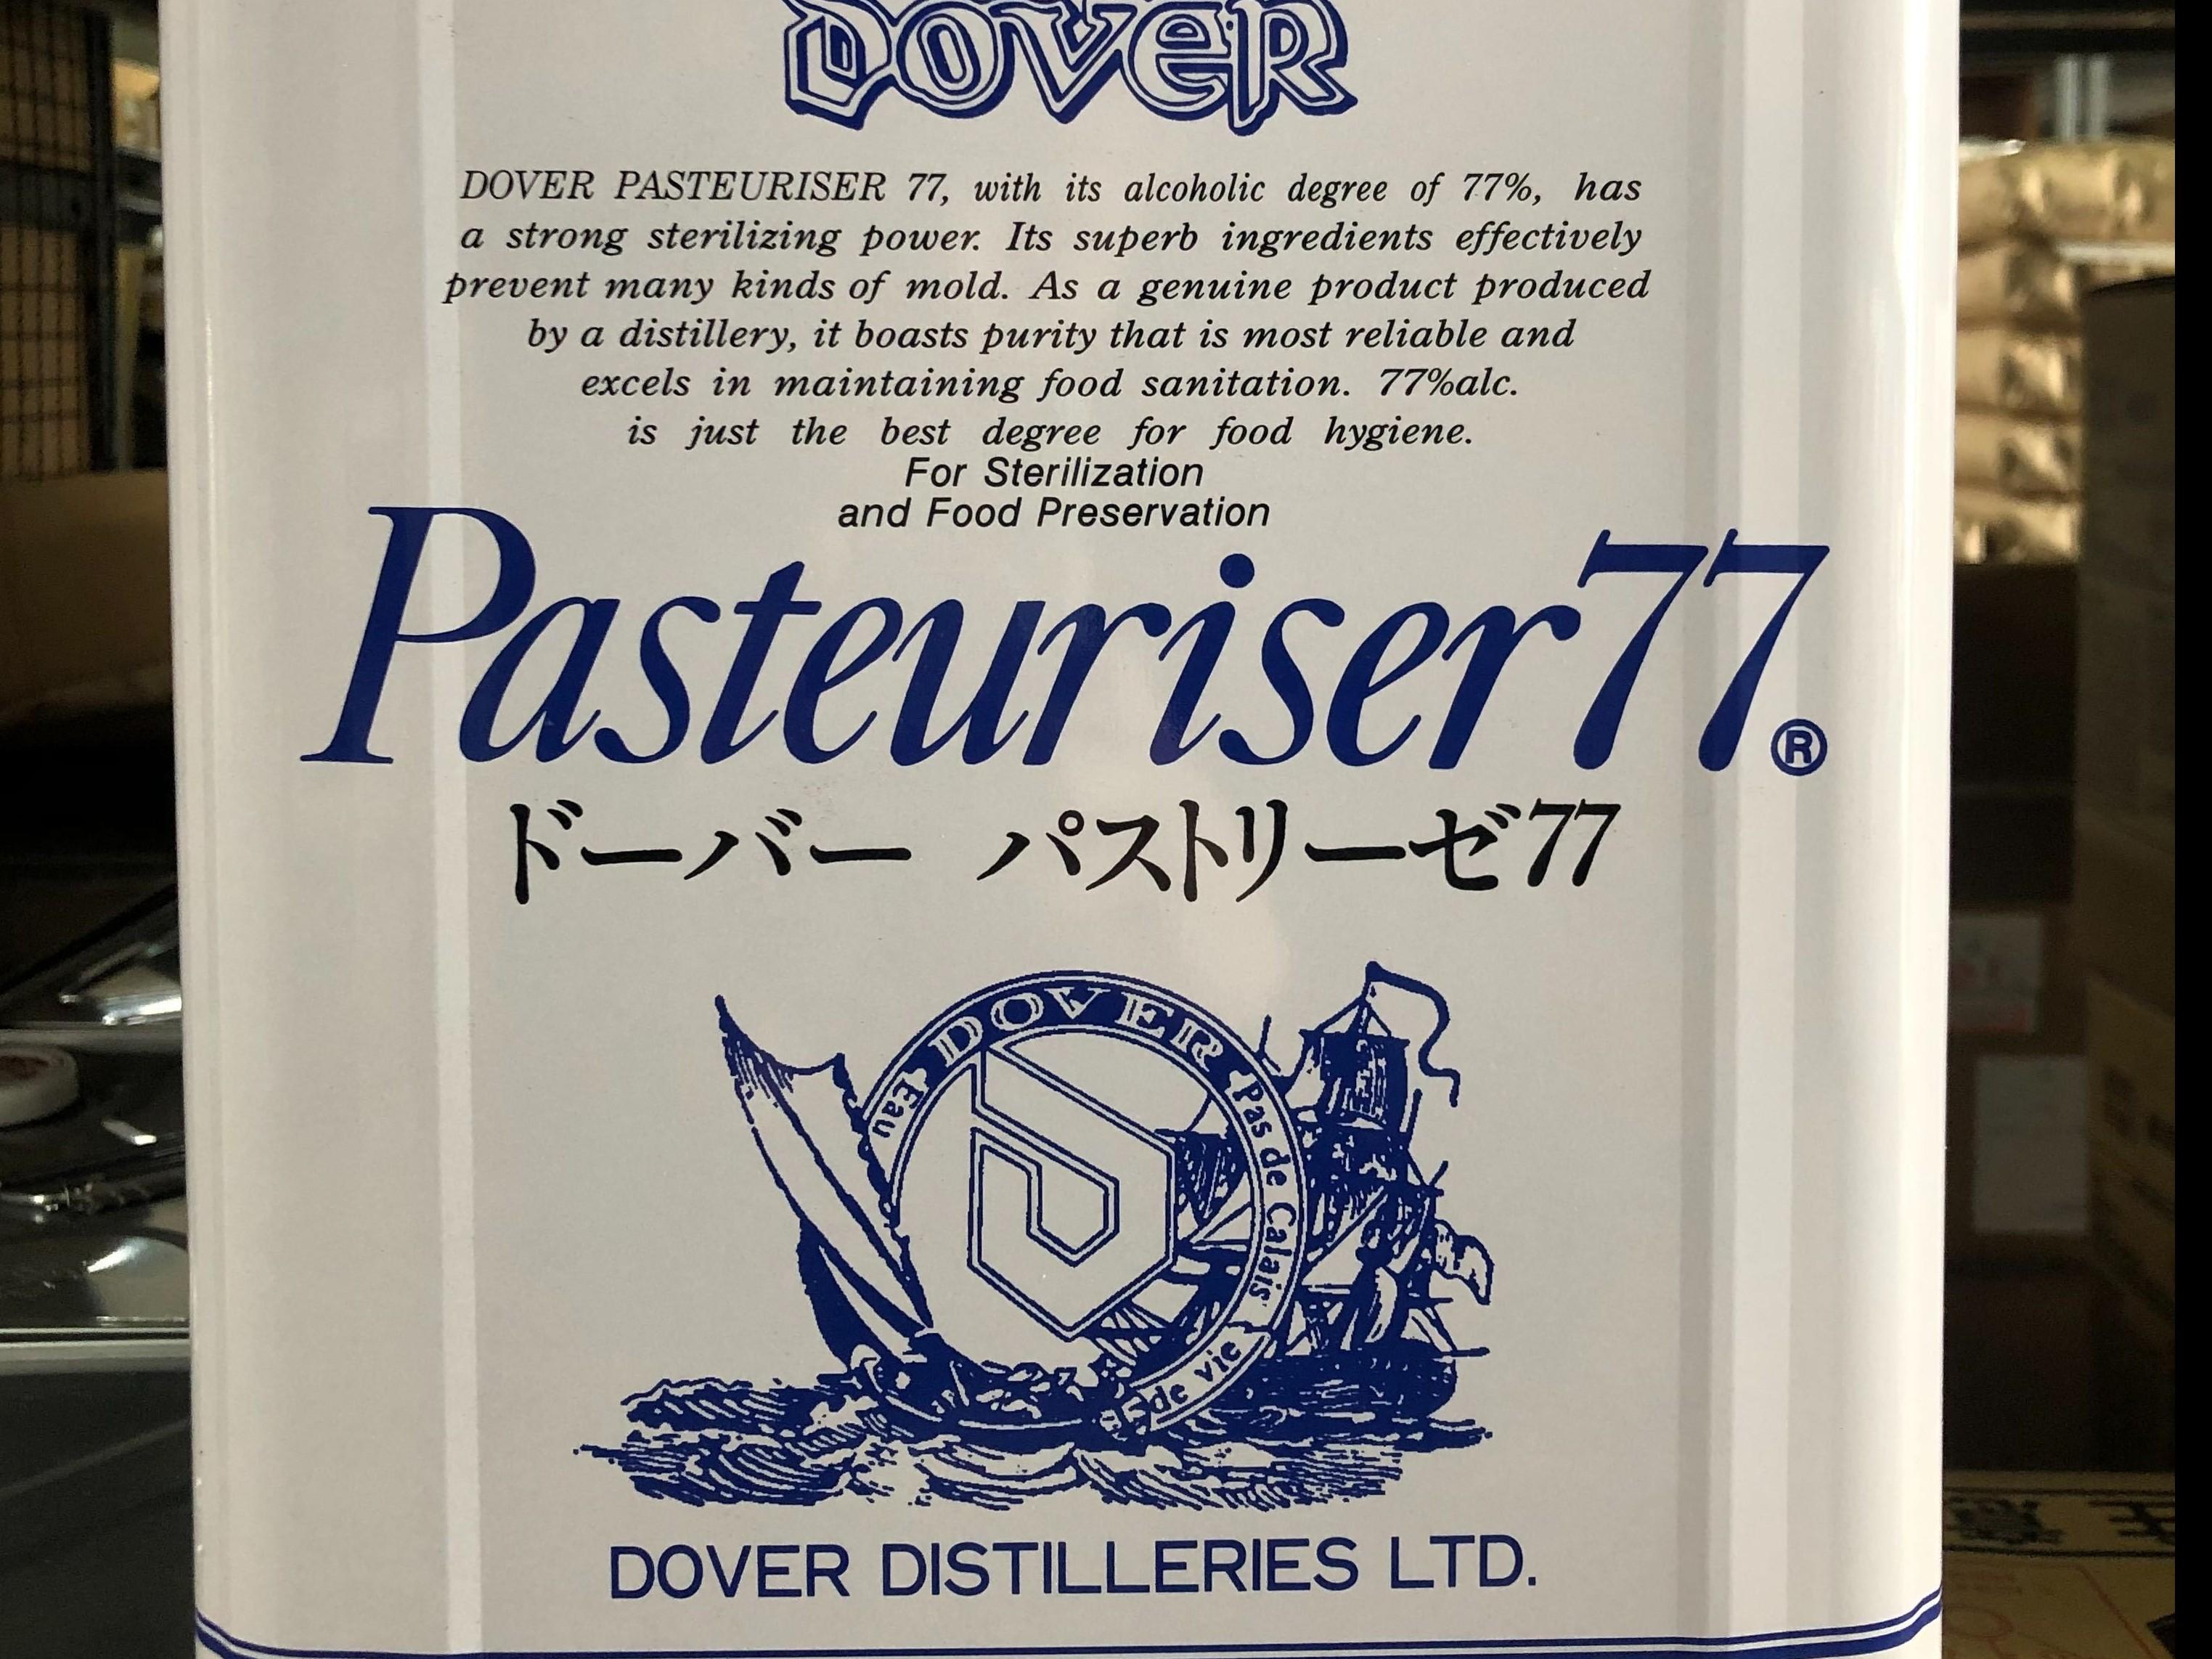 会社 株式 ドーバー 酒造